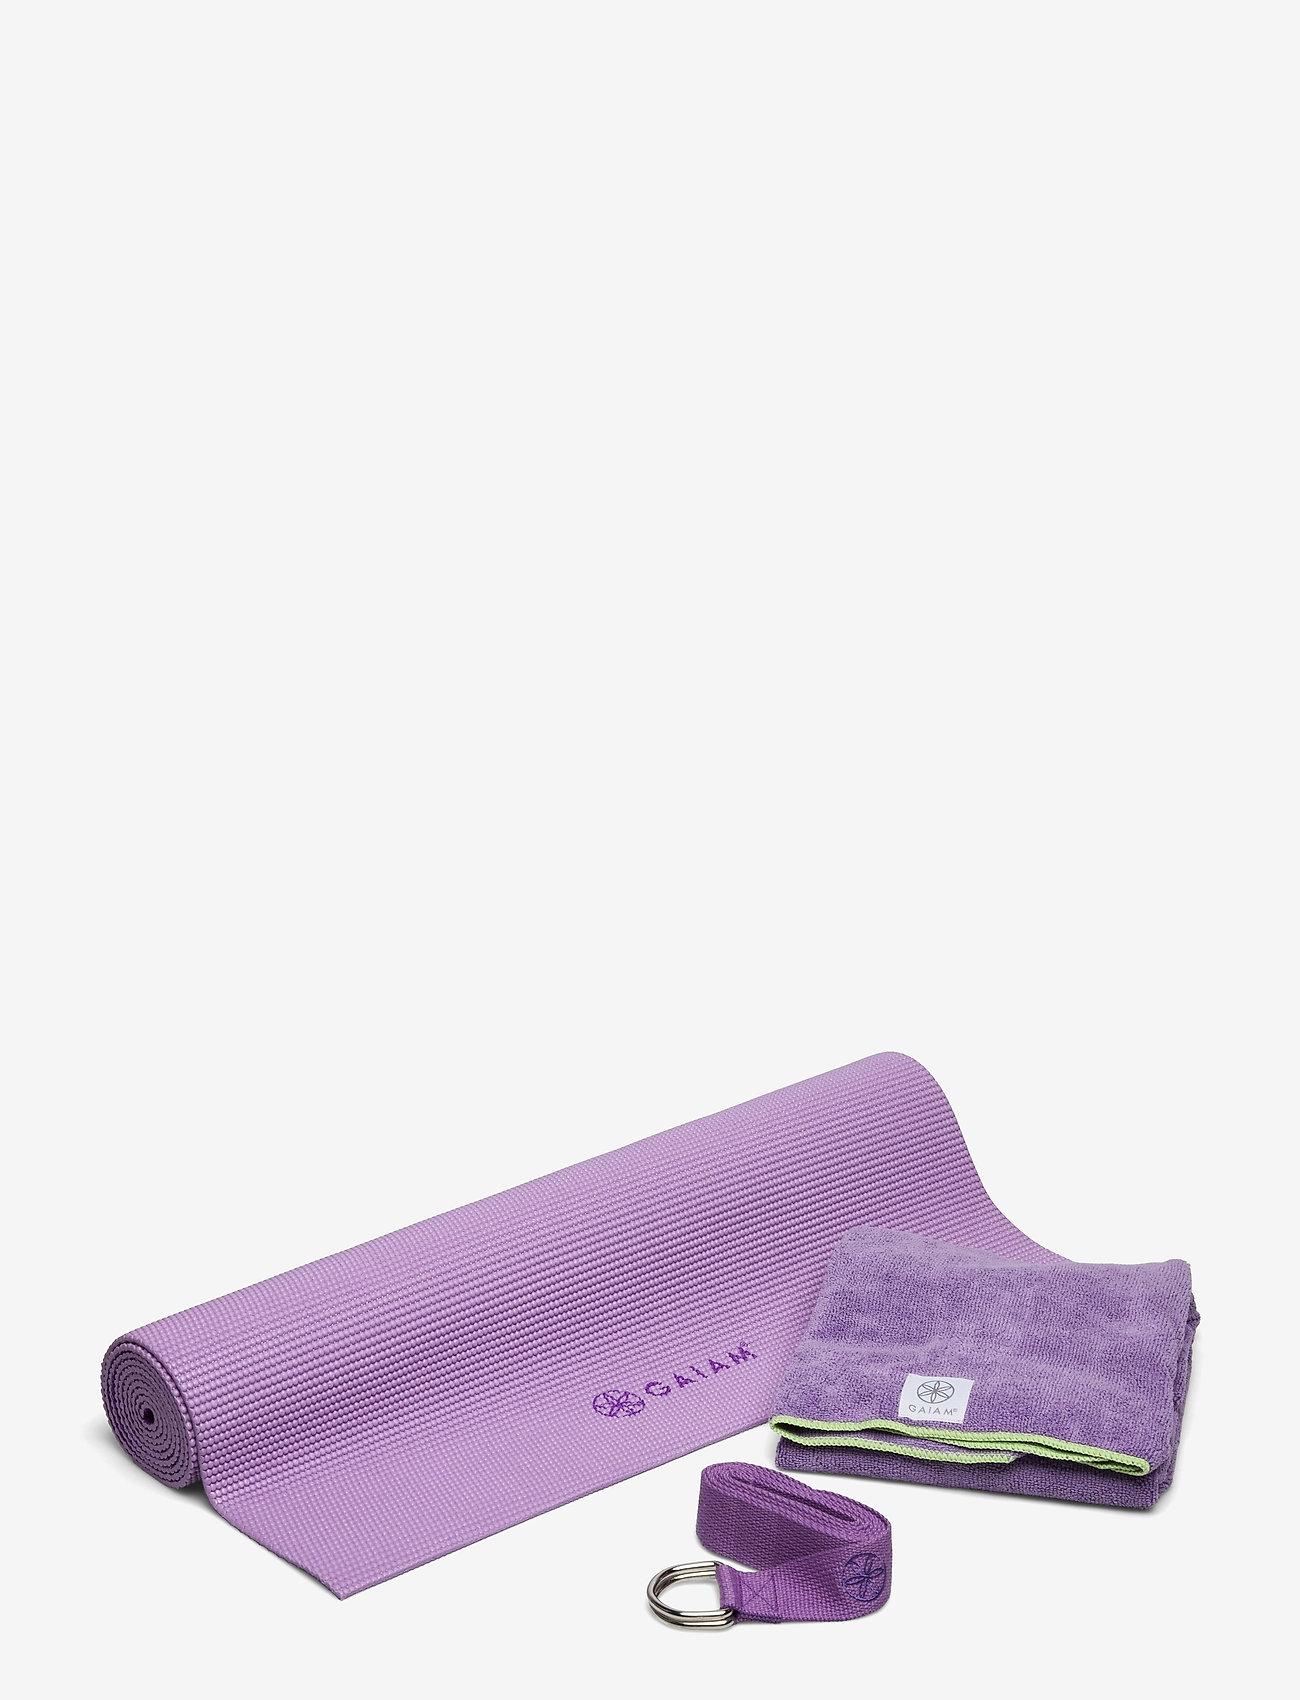 Gaiam - Hot Yoga Kit Purple - joogamatot ja tarvikkeet - purple - 0